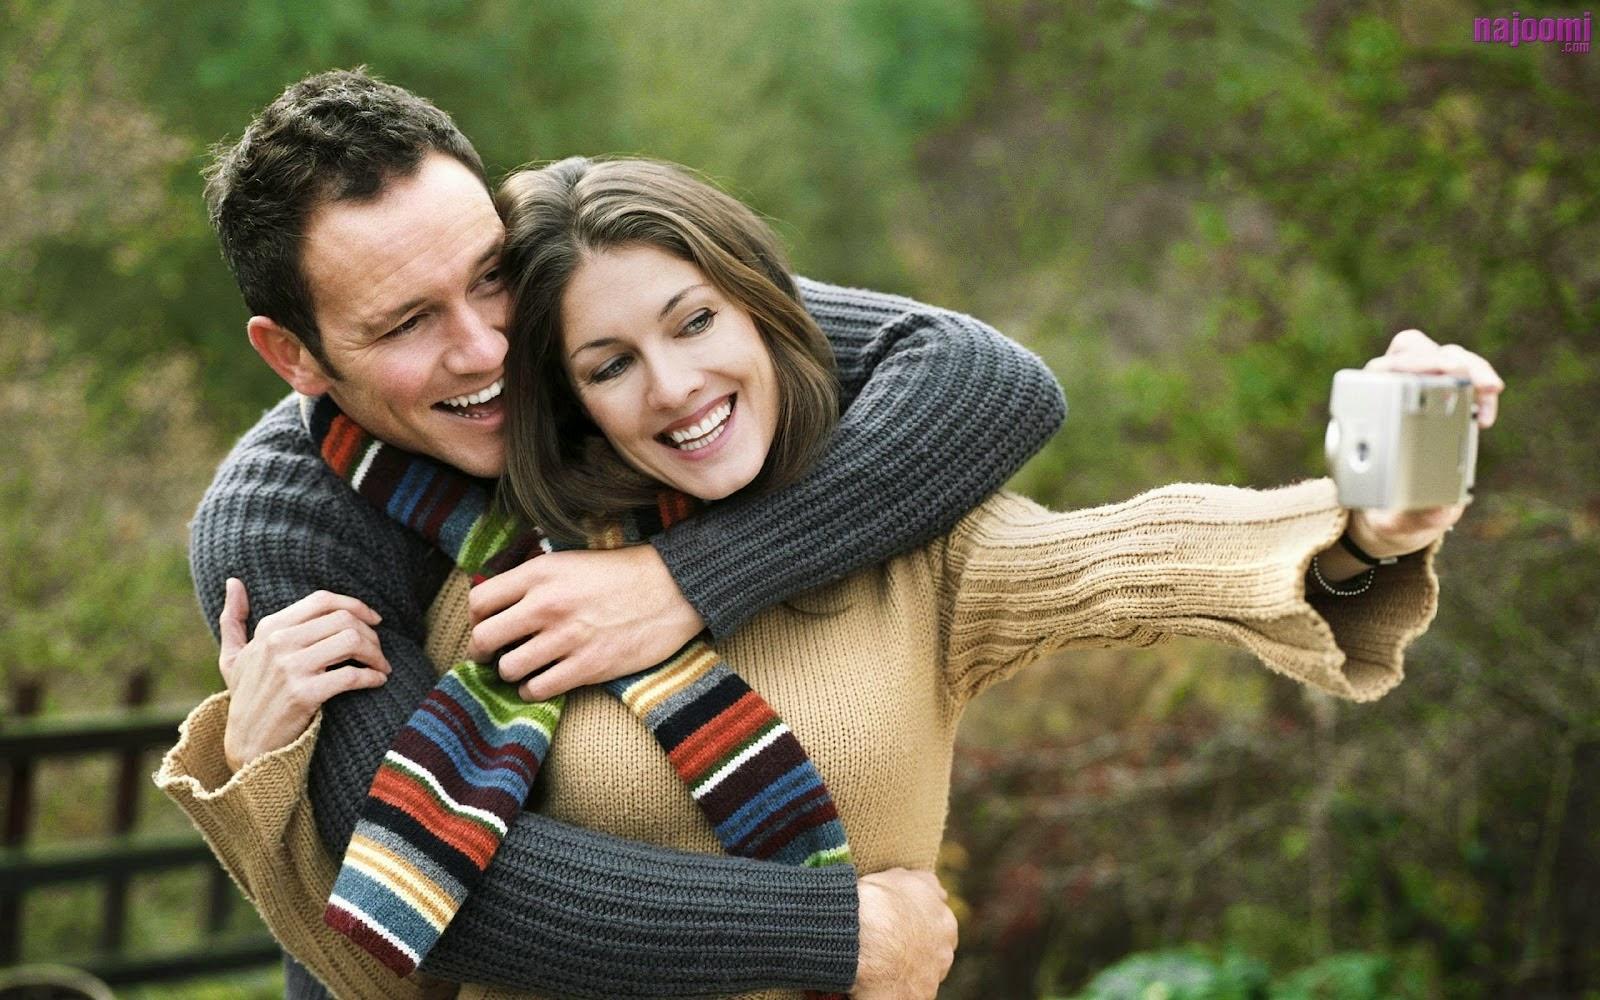 بالصور صور عشاق رومانسيه , اجمل صور الحب الرومانسية 3737 12